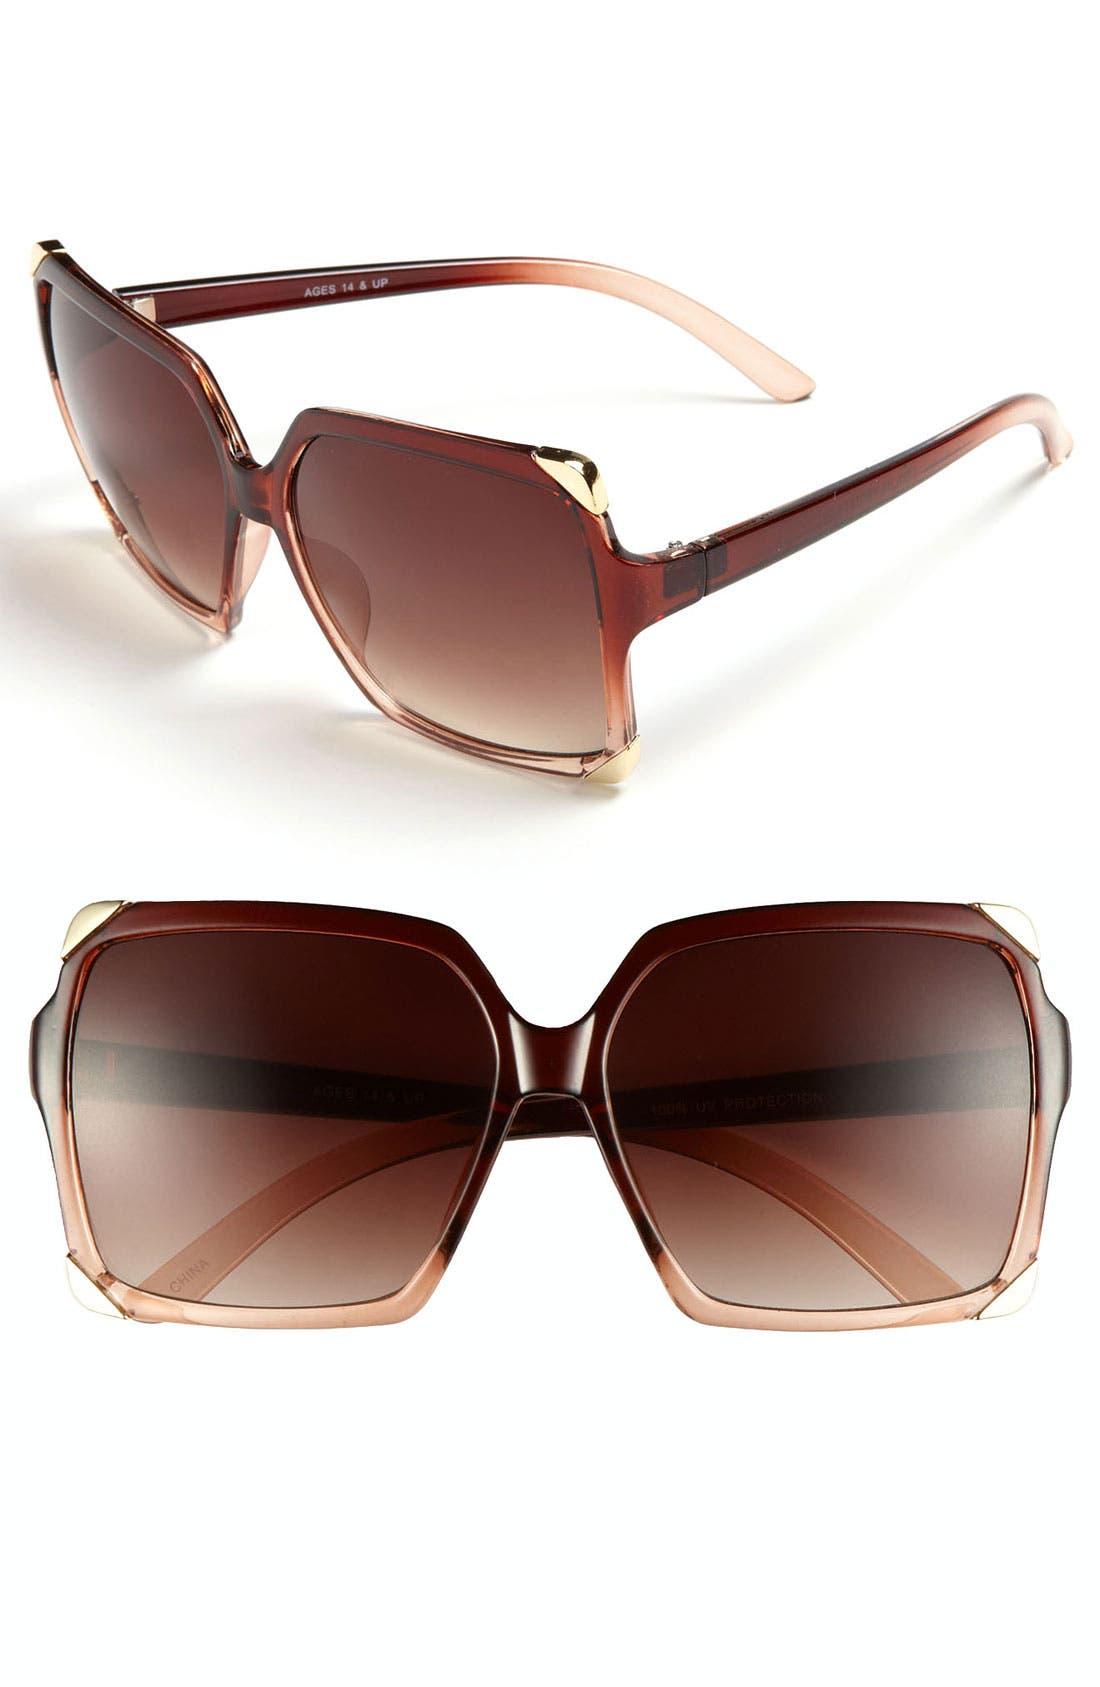 Main Image - FE NY 'St. Tropaz' Sunglasses